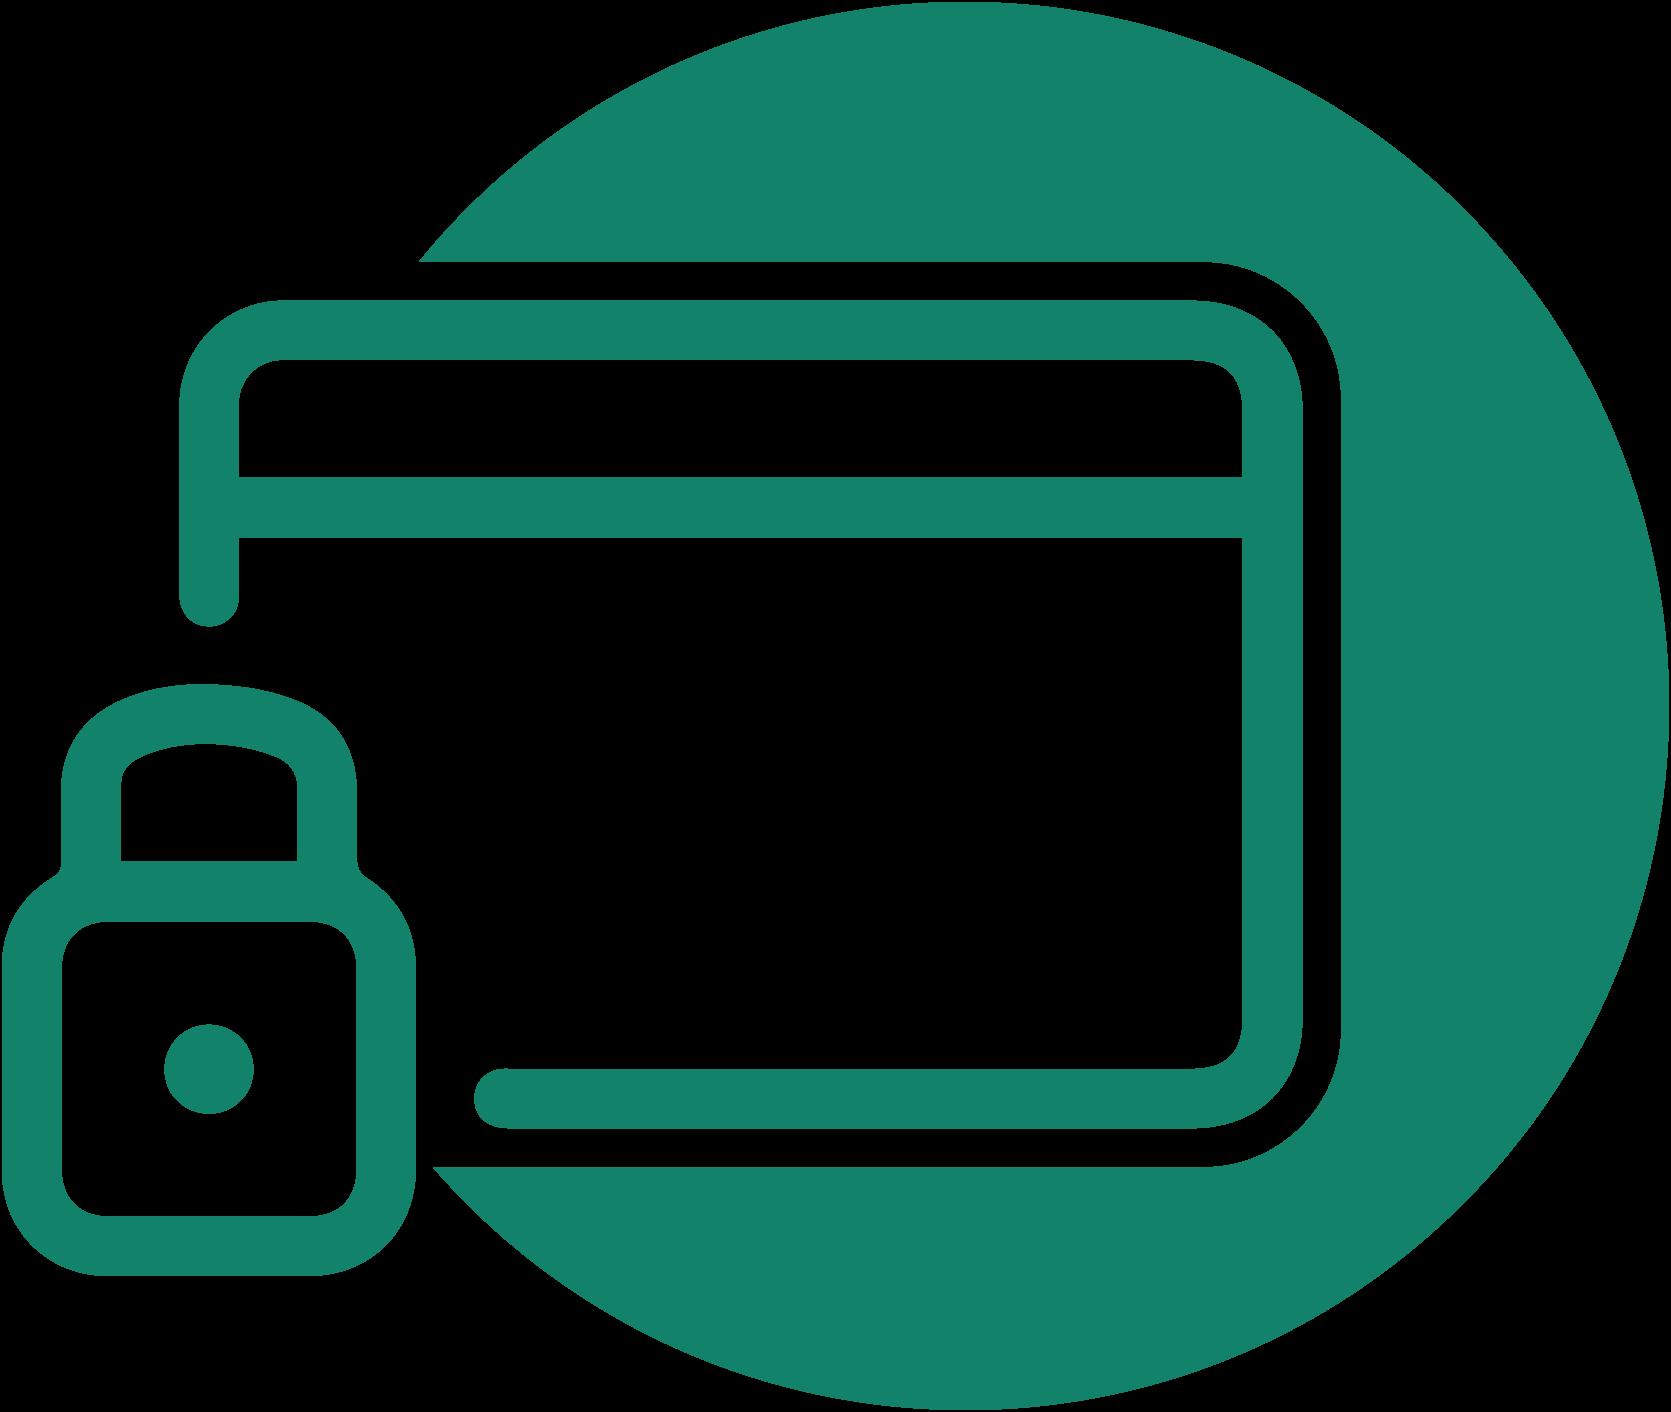 Toutes les transactions effectuées sur notre site sont sécurisées et vos informations sont cryptées grâce au protocole HTTPS